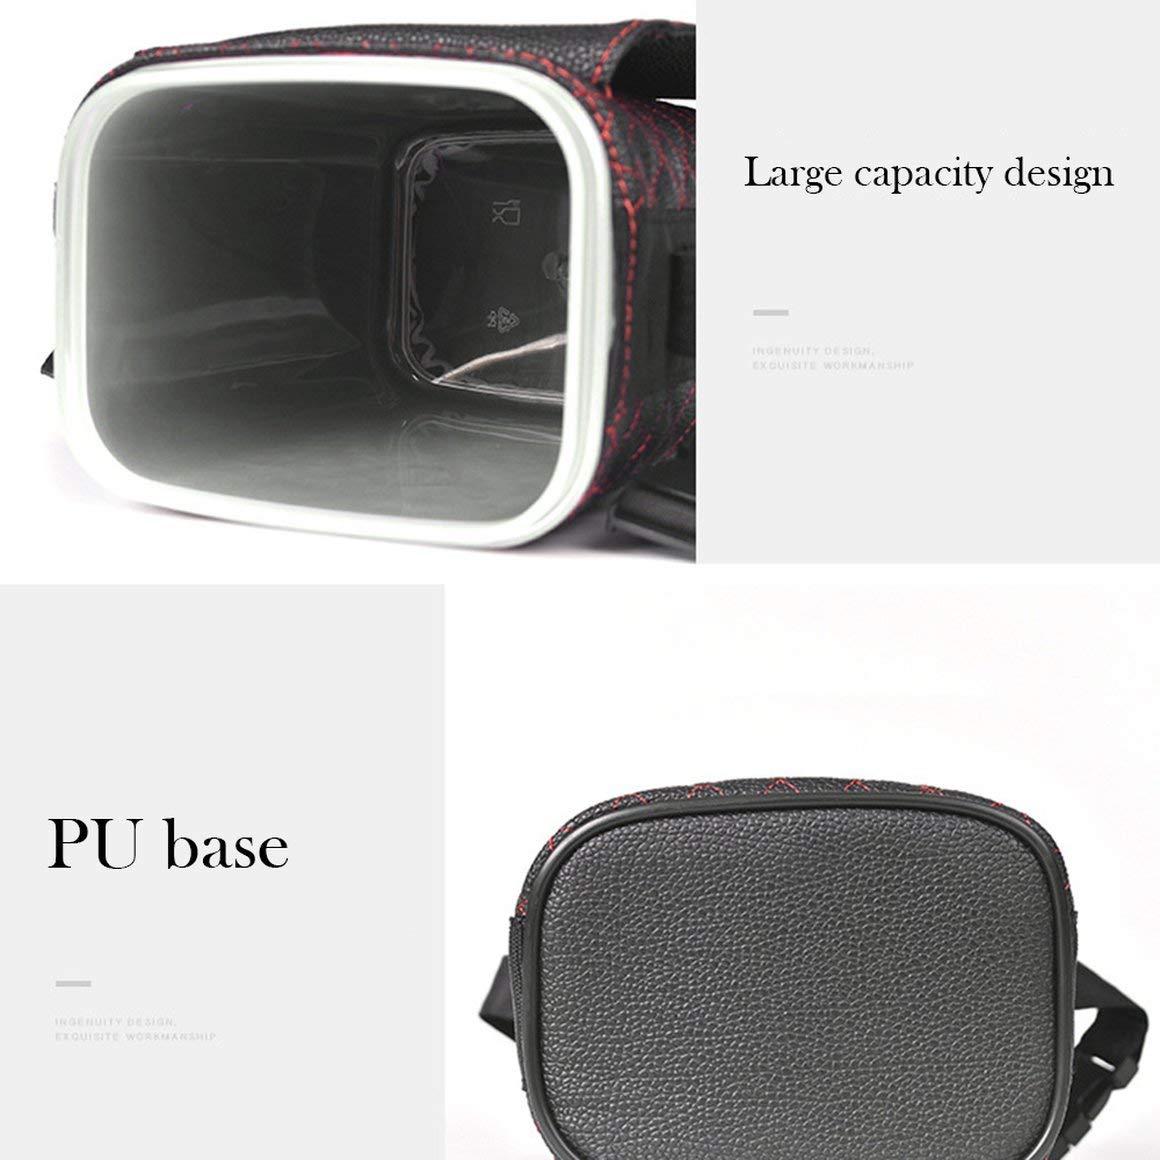 Funnyrunstore Interior del autom/óvil Bote de basura Mini Colgante Caja de almacenamiento multifunci/ón Caja de almacenamiento Port/átil del autom/óvil